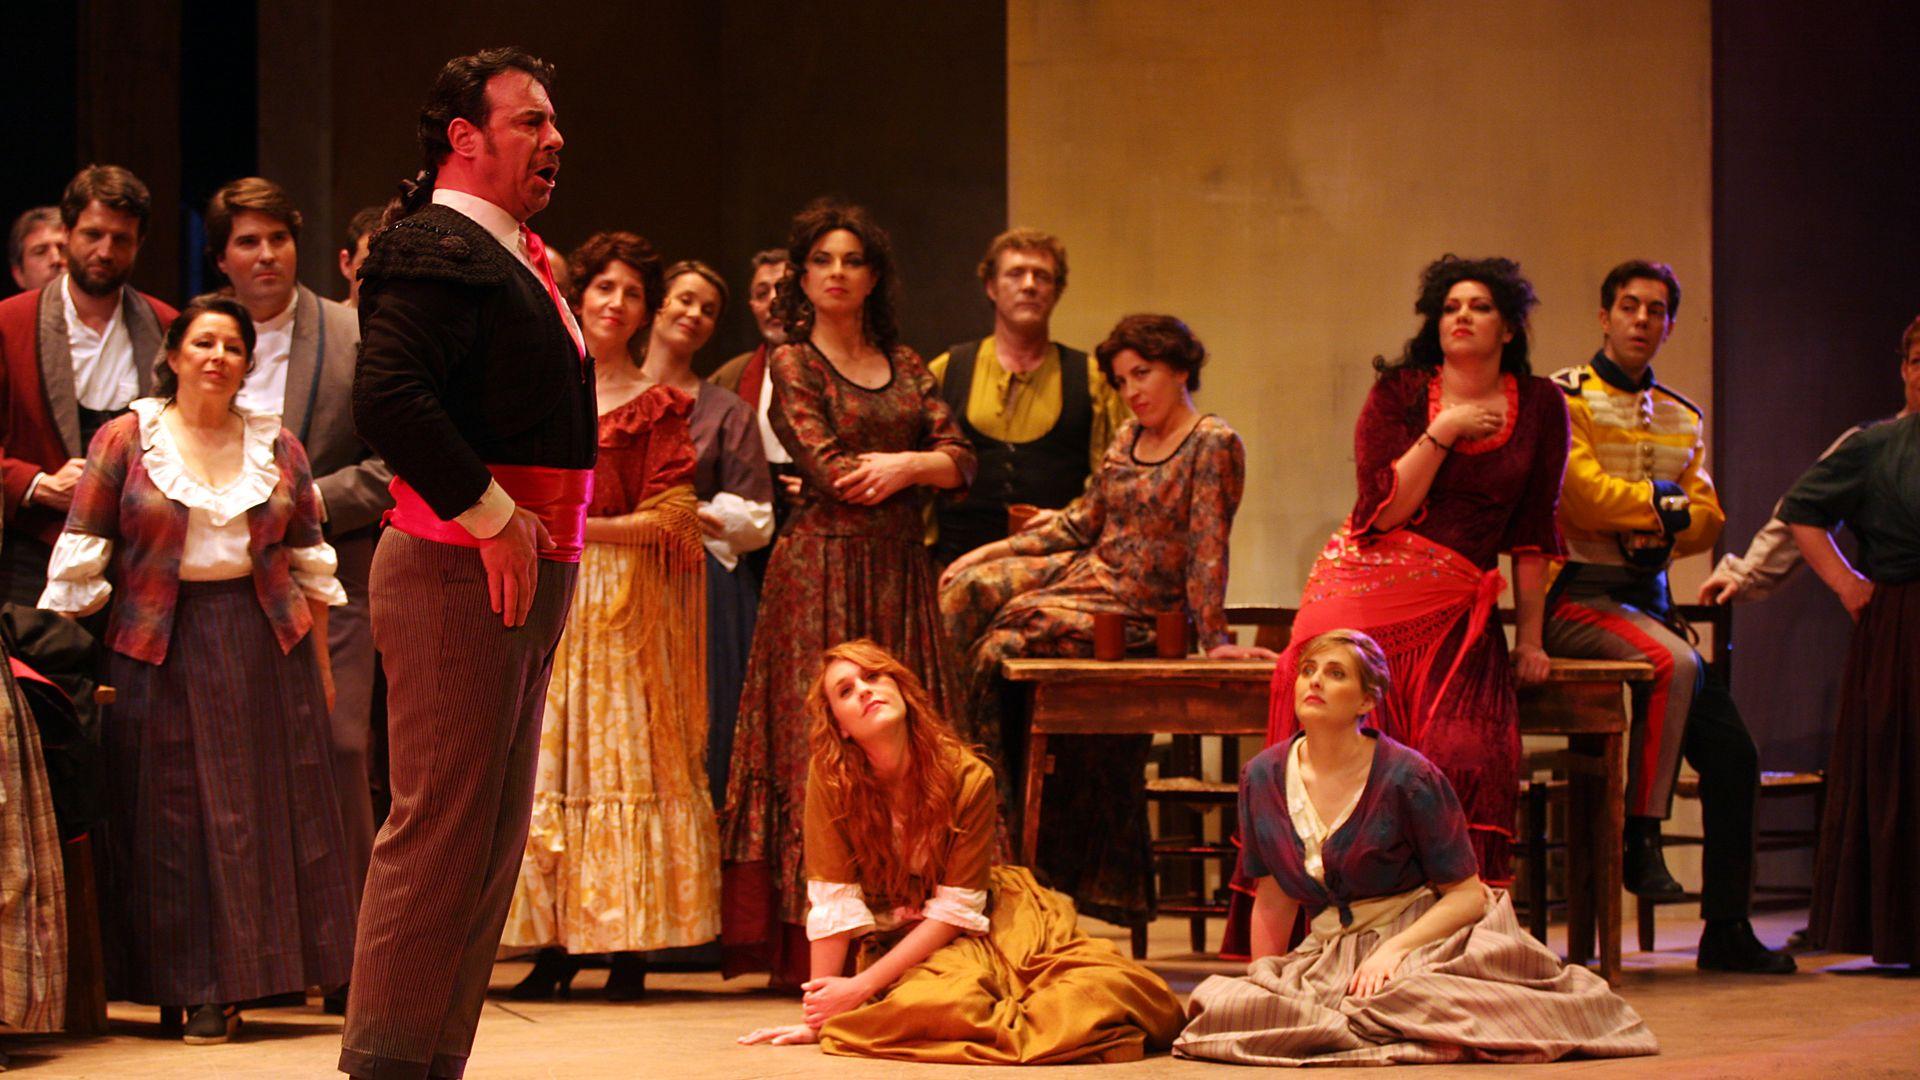 Imagen Esdeveniment Temporada de Opera del Teatre Principal